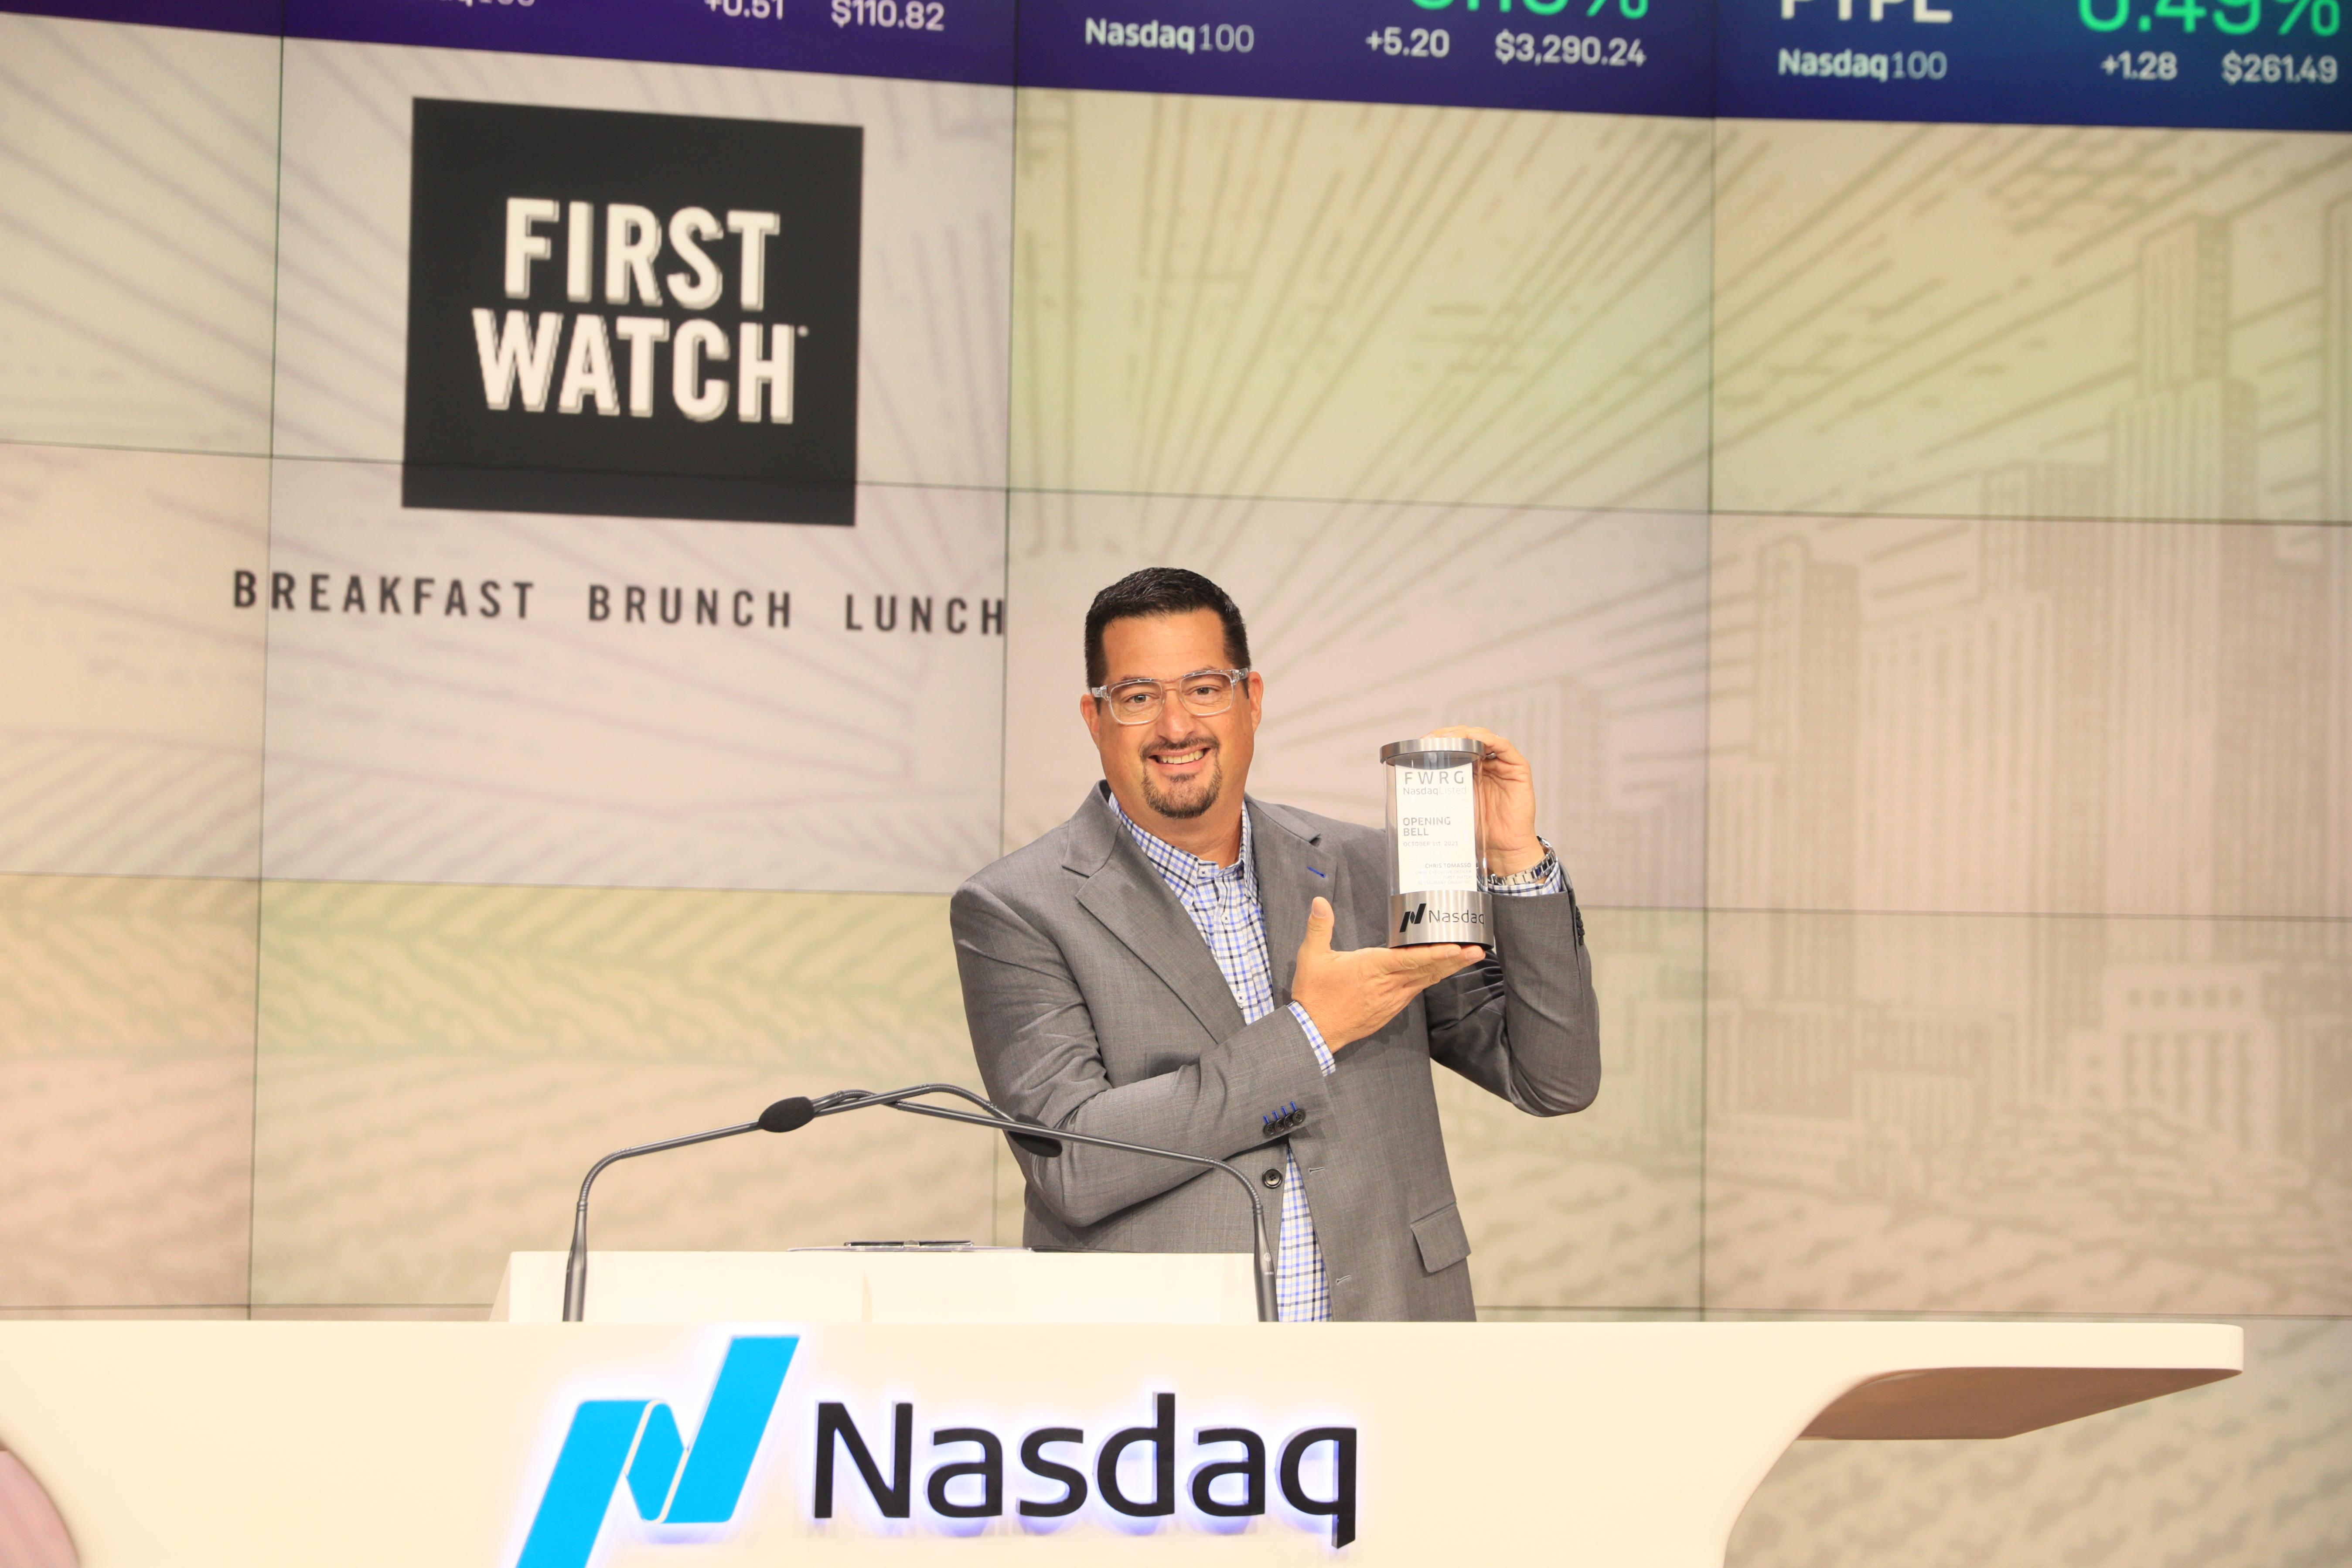 Christ Tomasso at NASDAQ